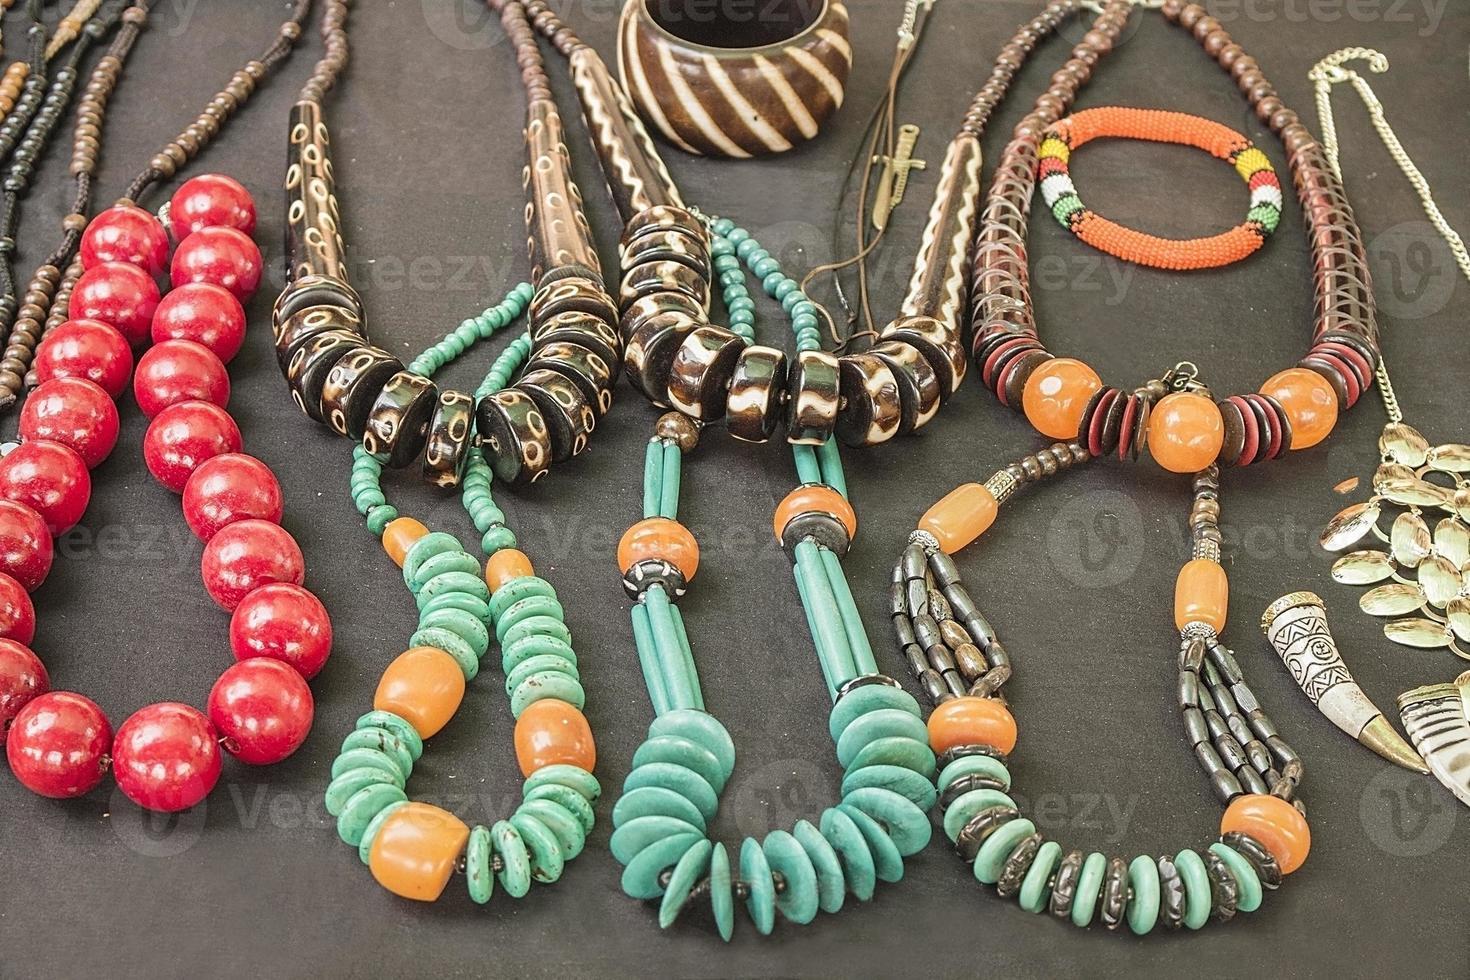 bracelets de perles artisanales traditionnelles africaines, colliers, pendentifs. photo